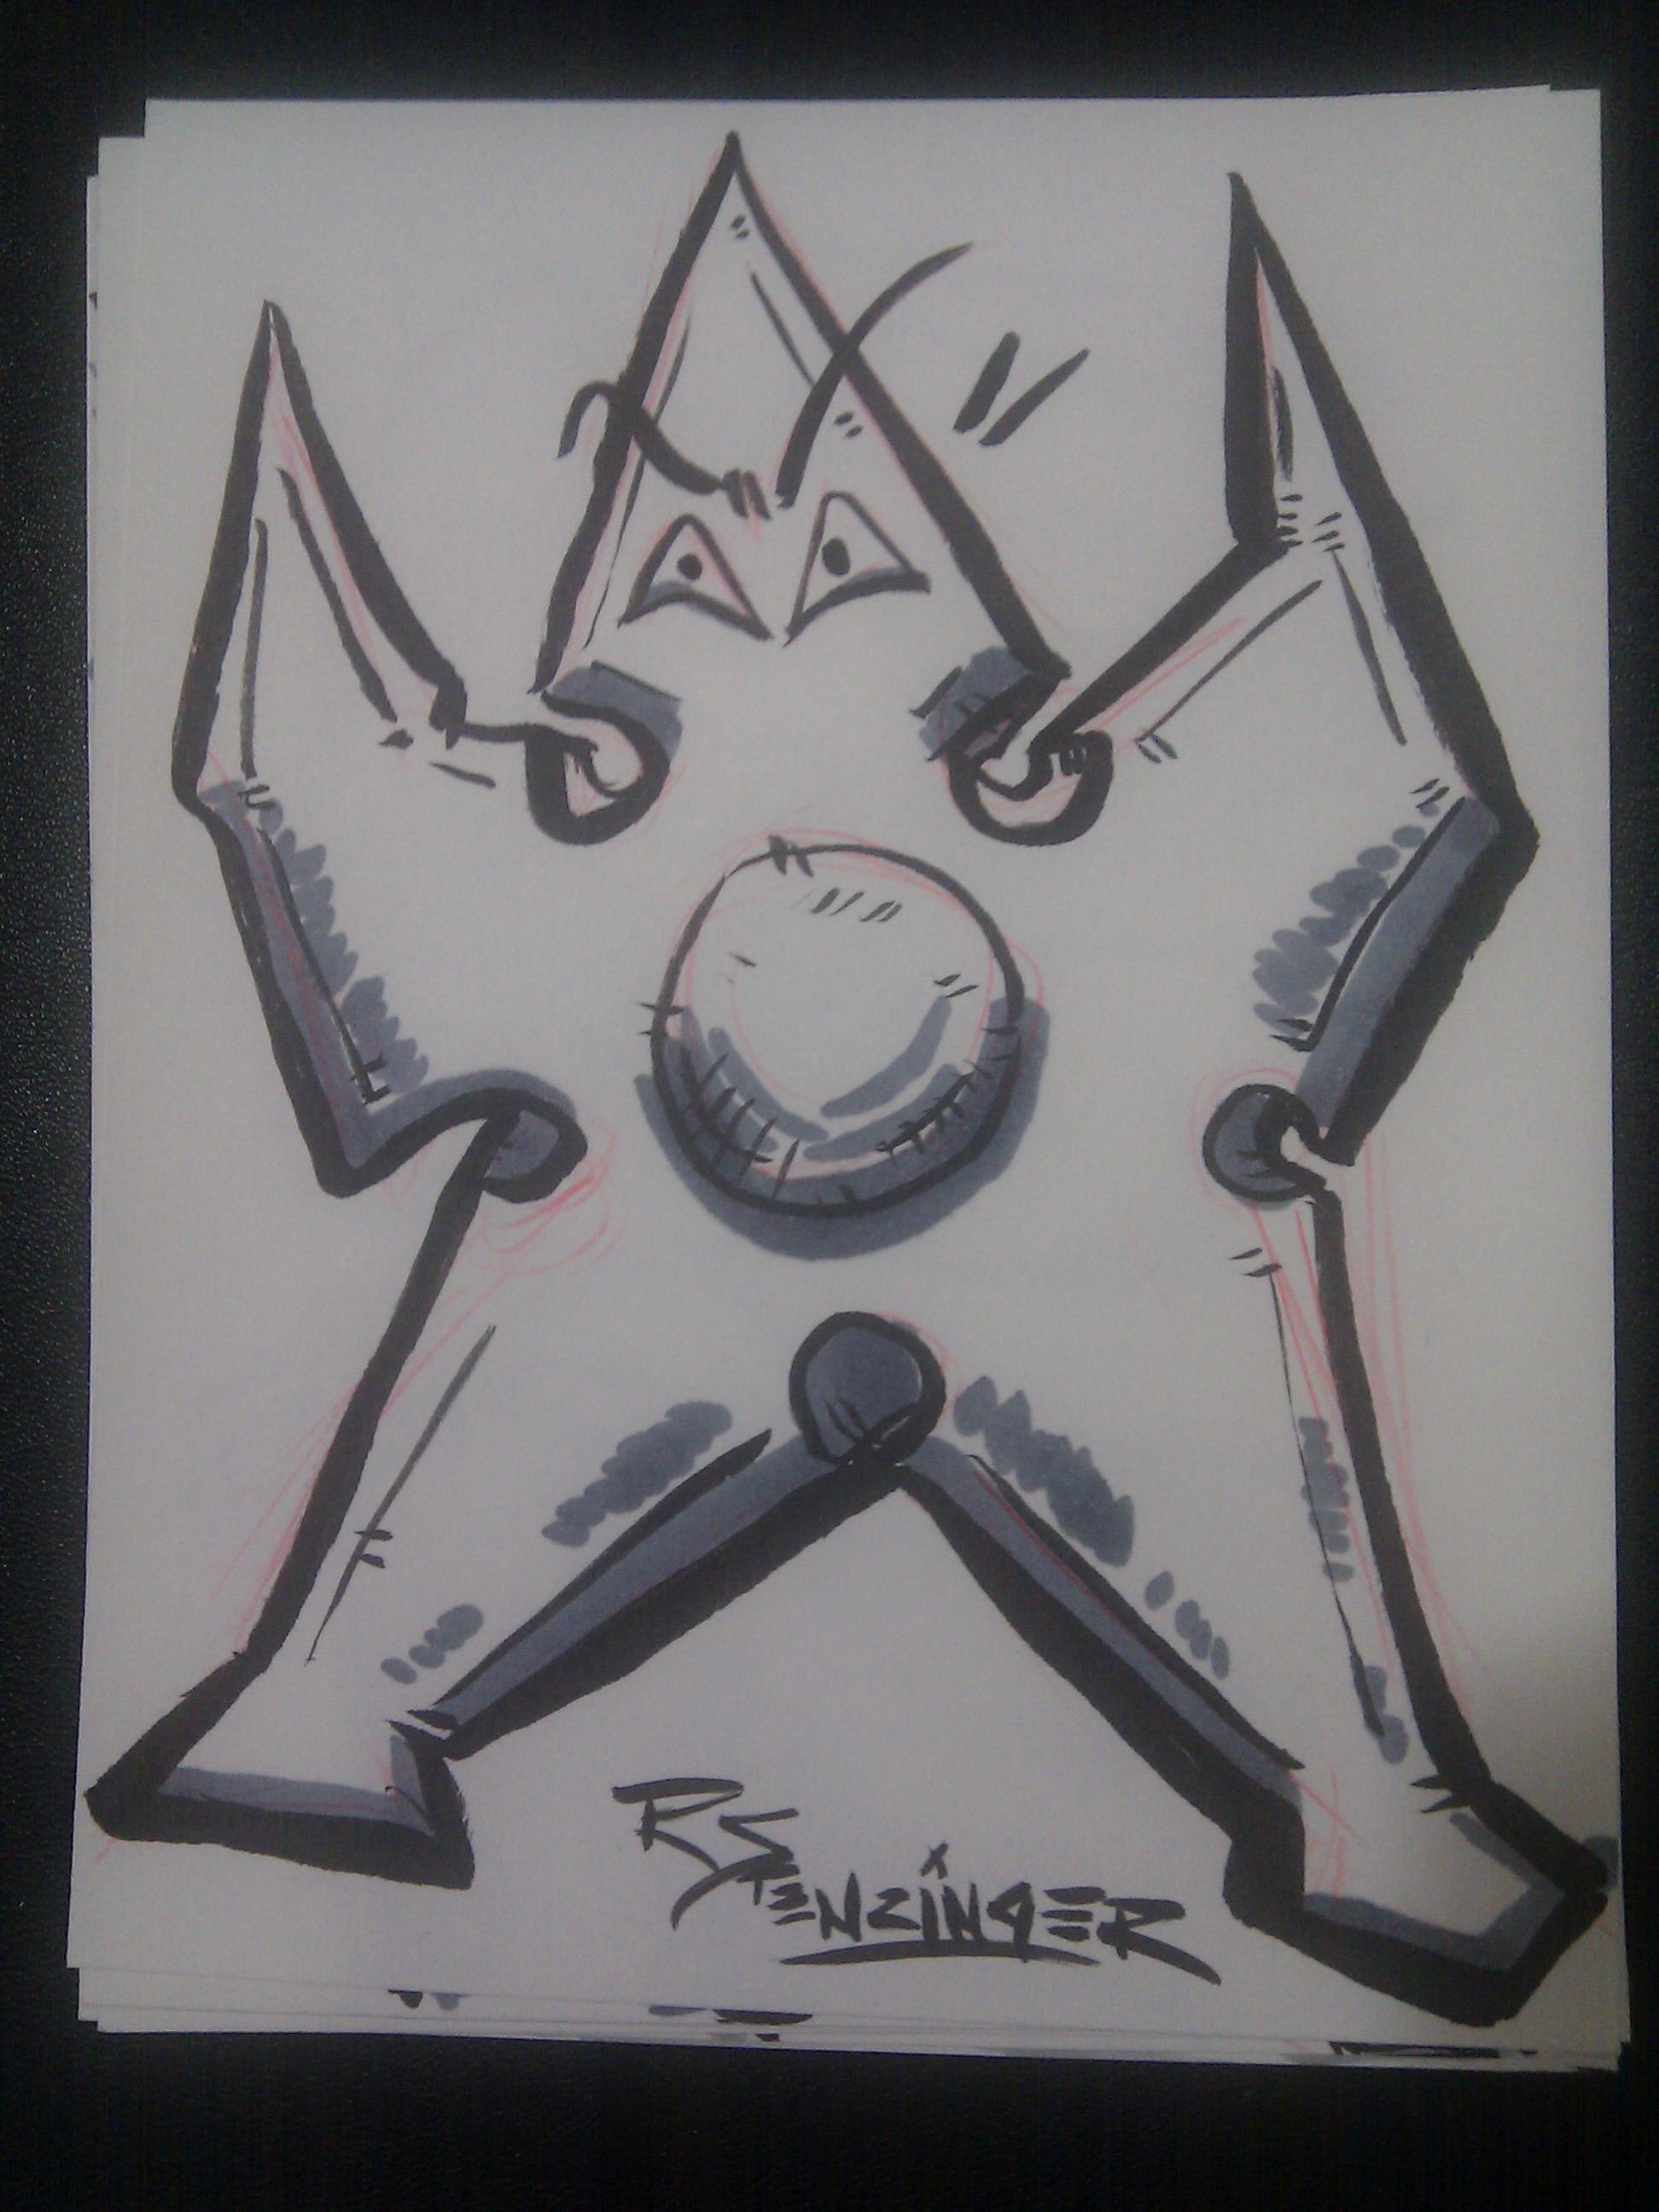 Sketchcards I made at Convergence #cvg2011 Artist Alley